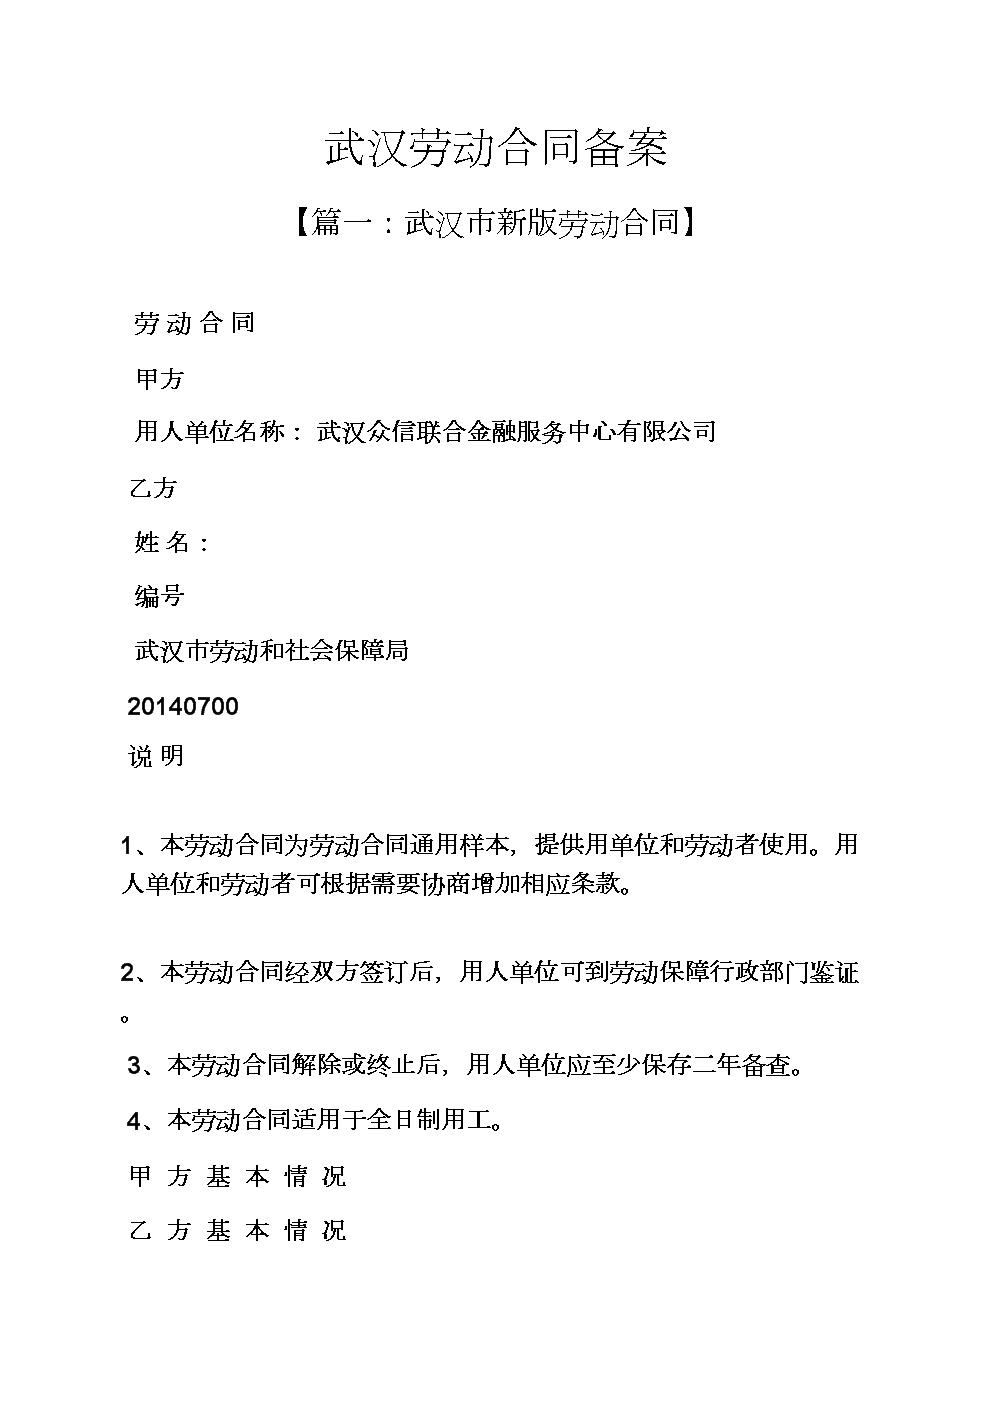 合同范本之武汉劳动合同备案.docx